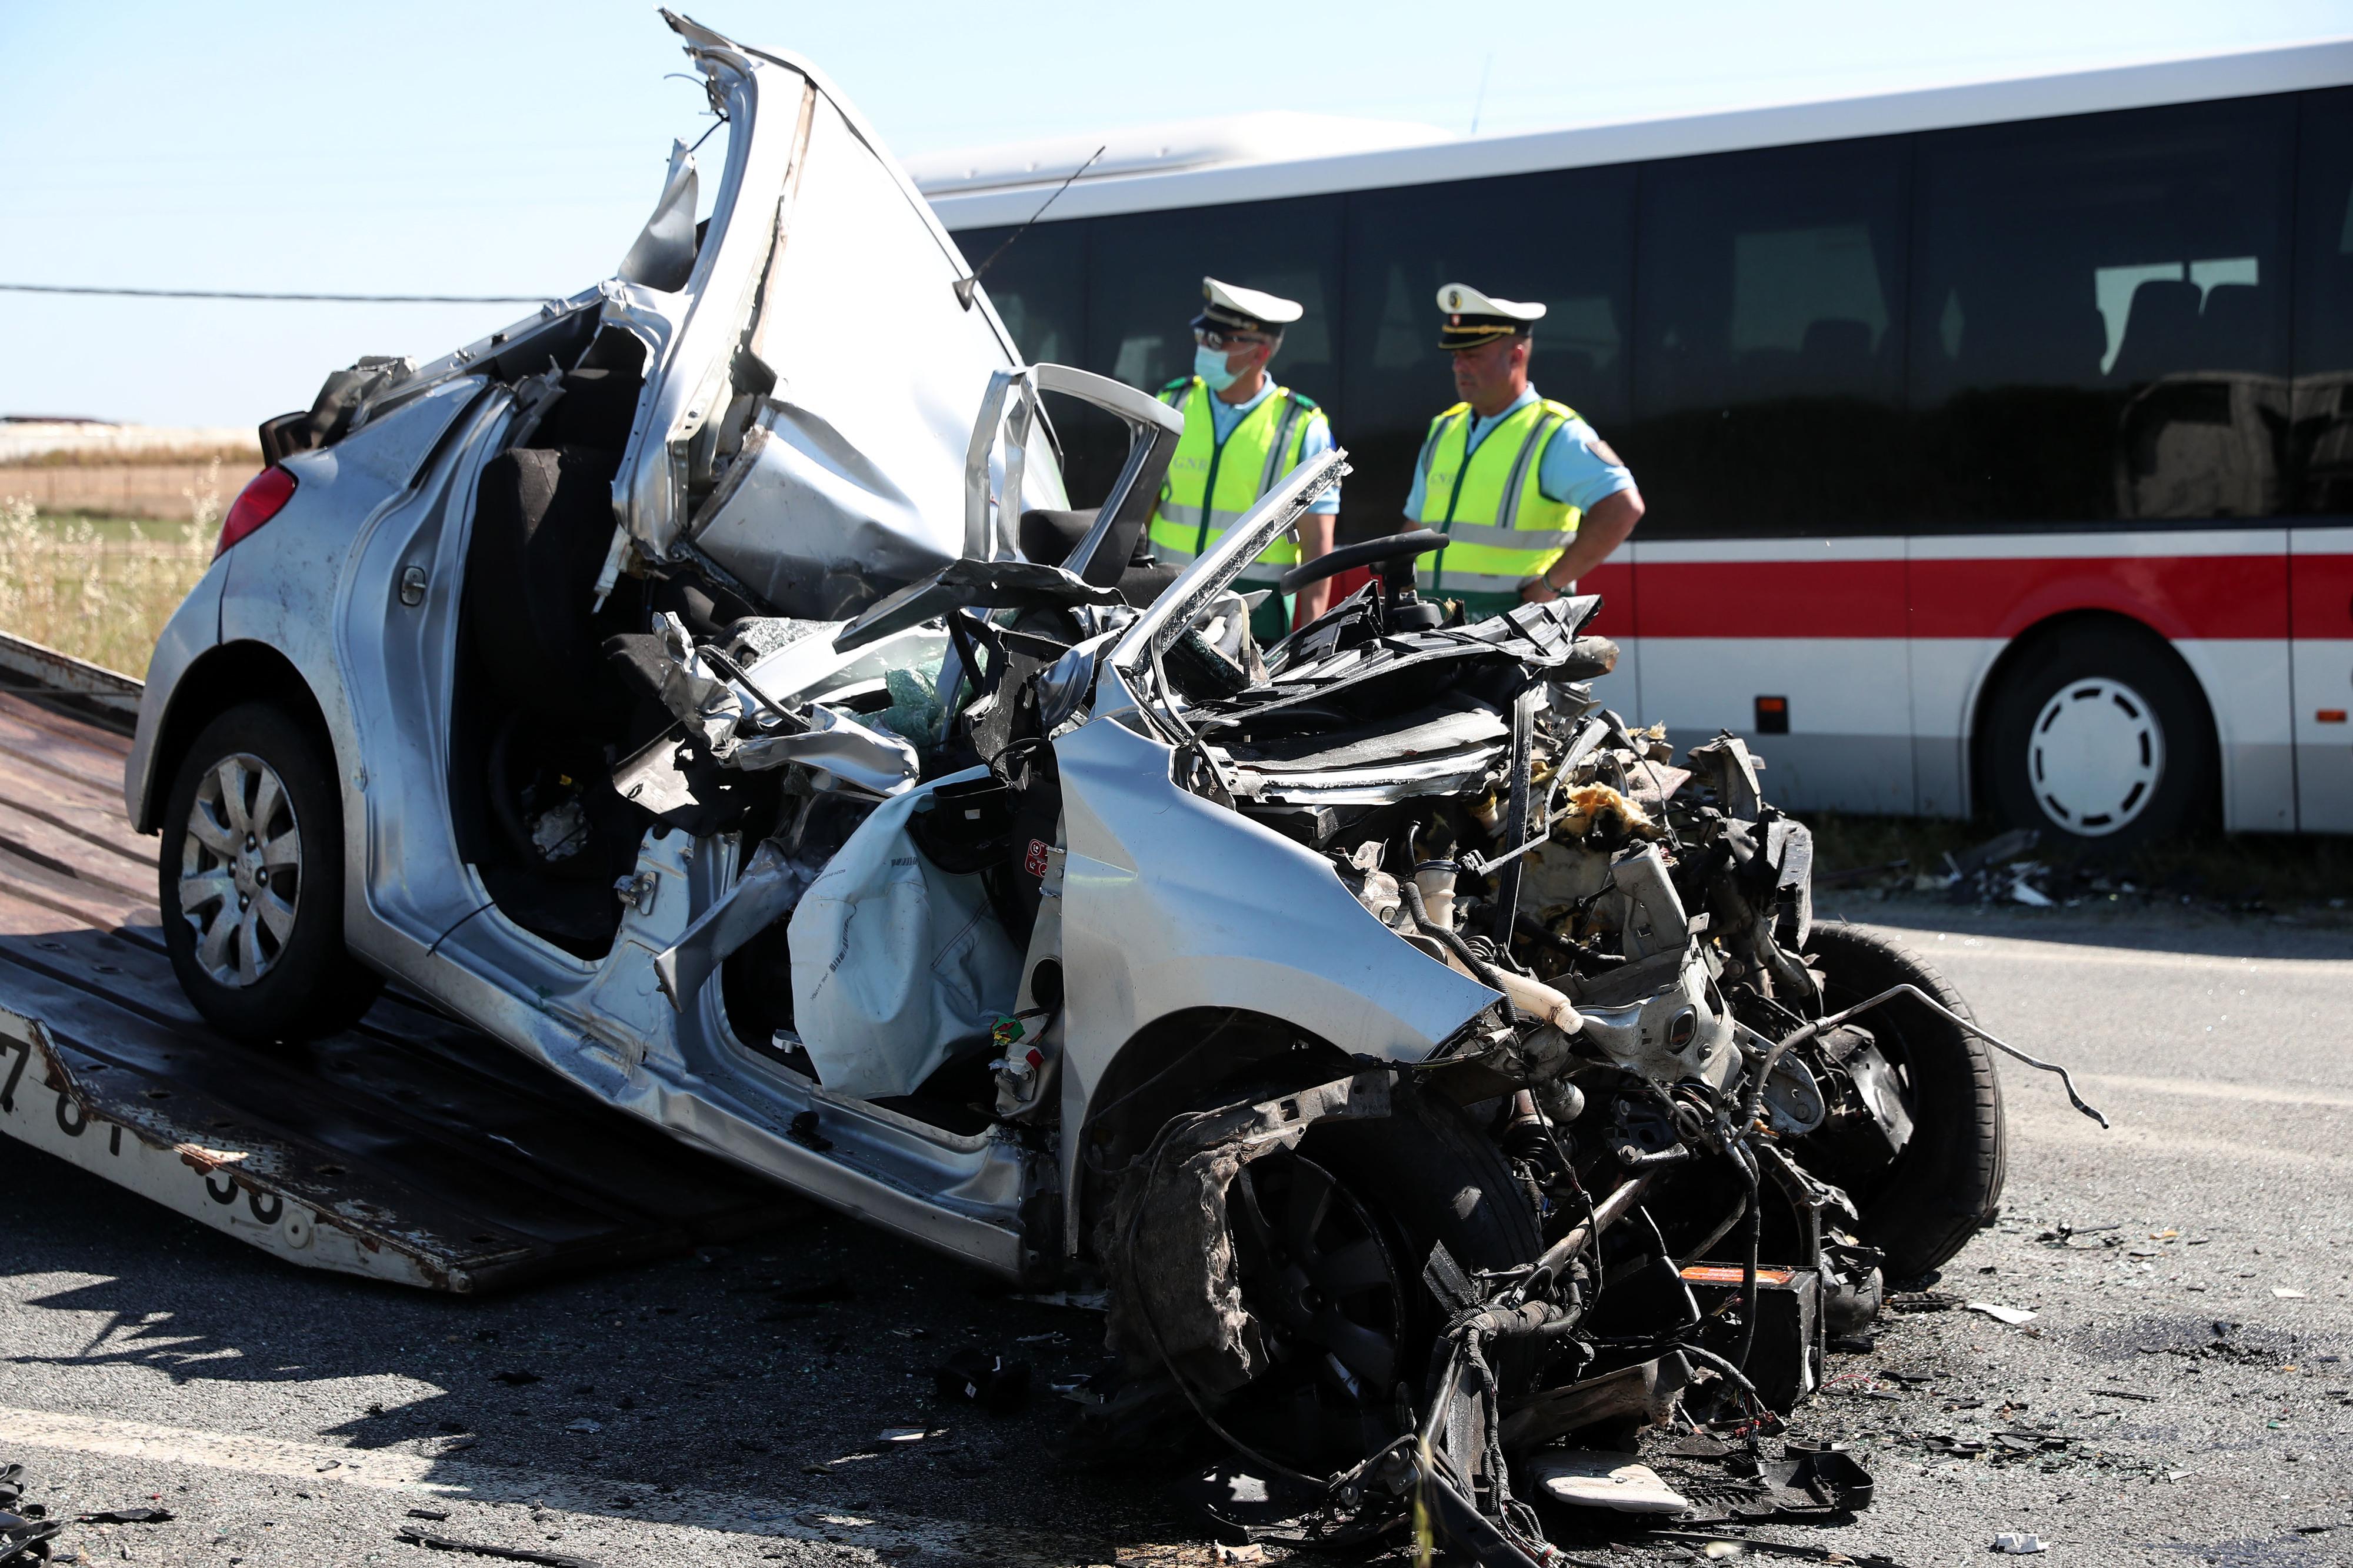 Sinistralidade rodoviária agravou-se em agosto com aumento de mortos e acidentes